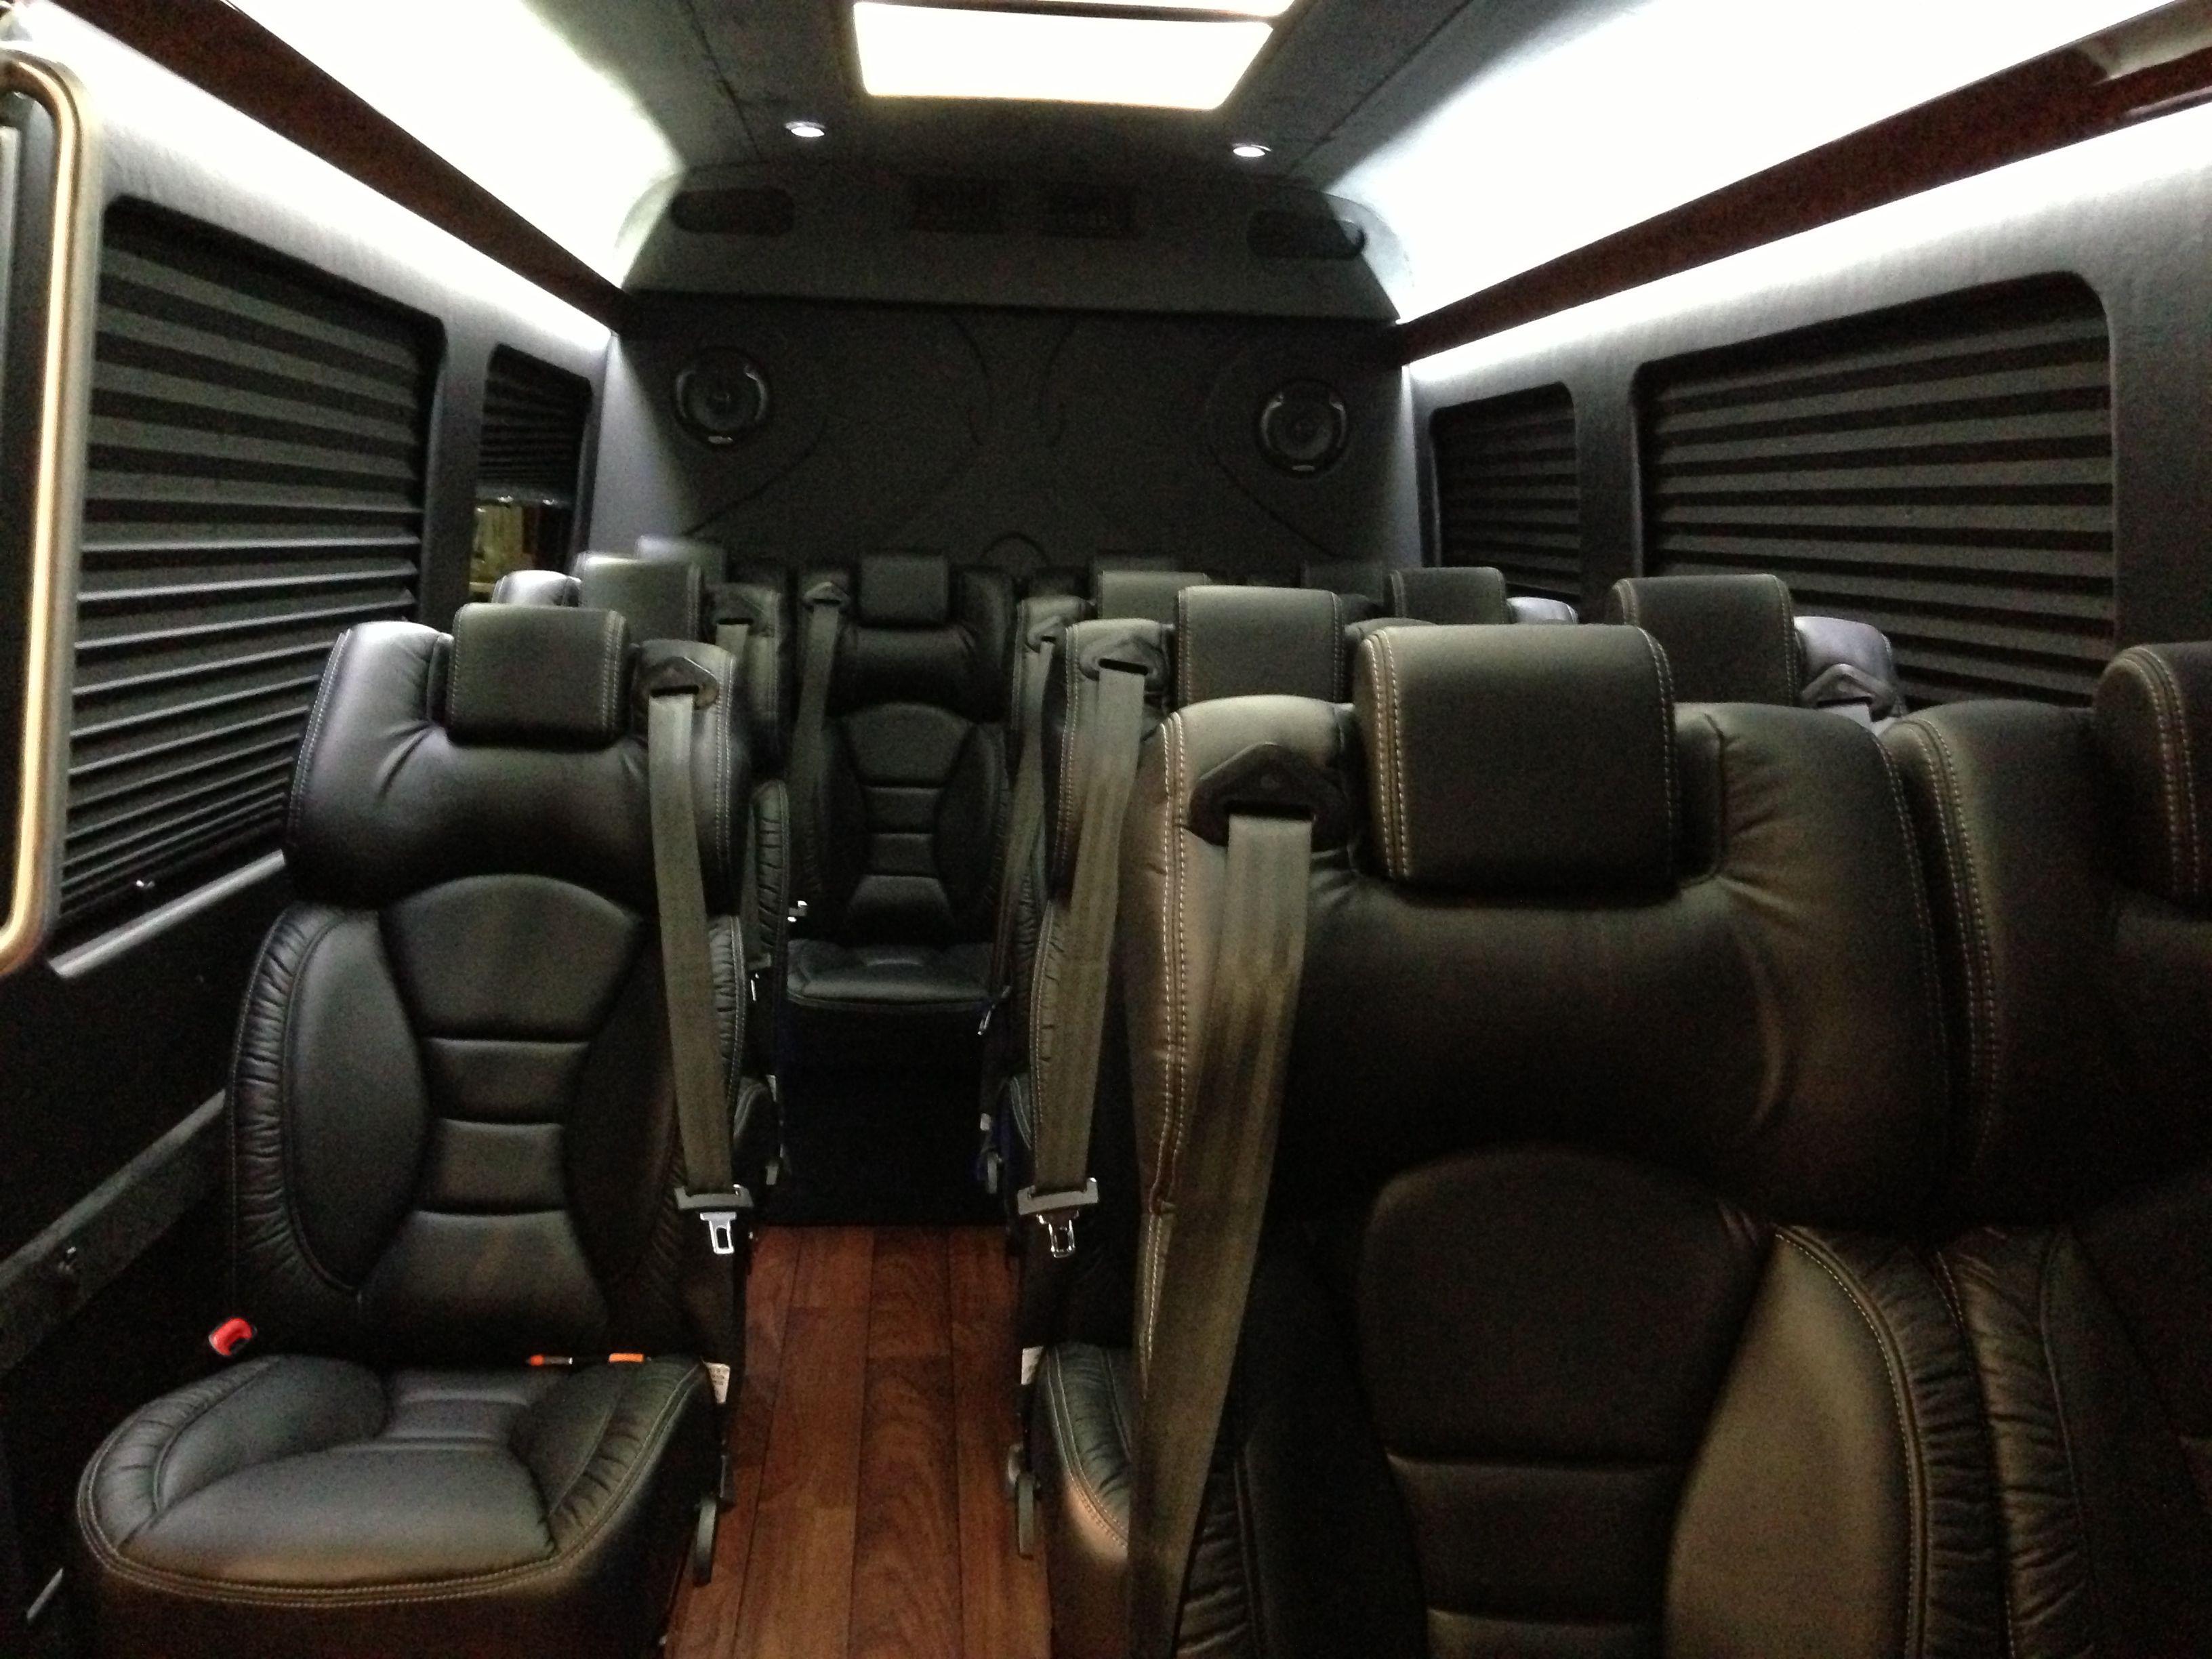 Mercedes sprinter mini bus interior inviting interiors for Mercedes benz sprinter custom interiors